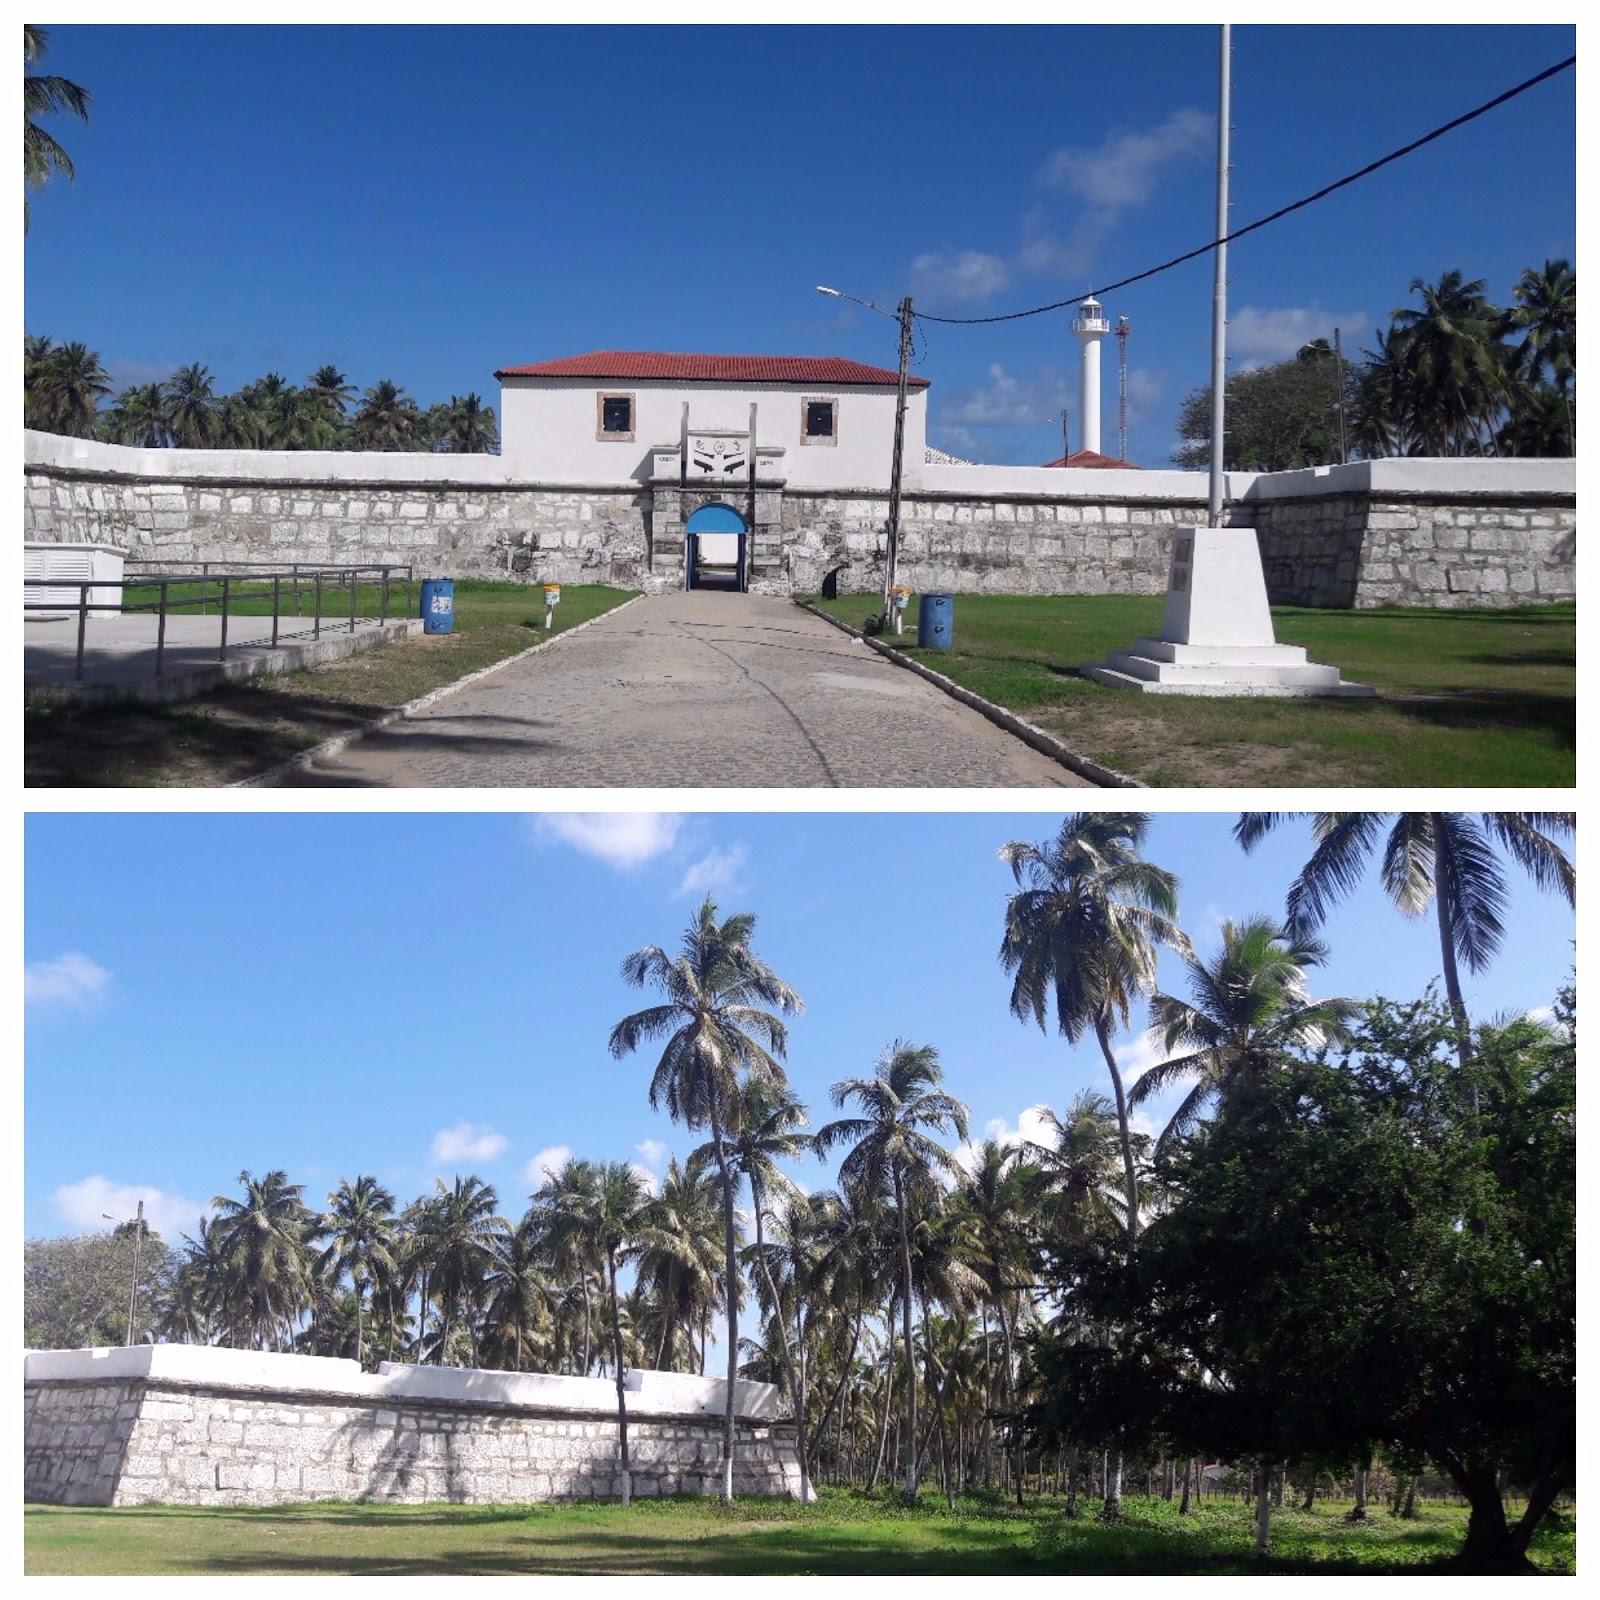 Forte de Tamandaré, Praia dos Carneiros, Pernambuco.